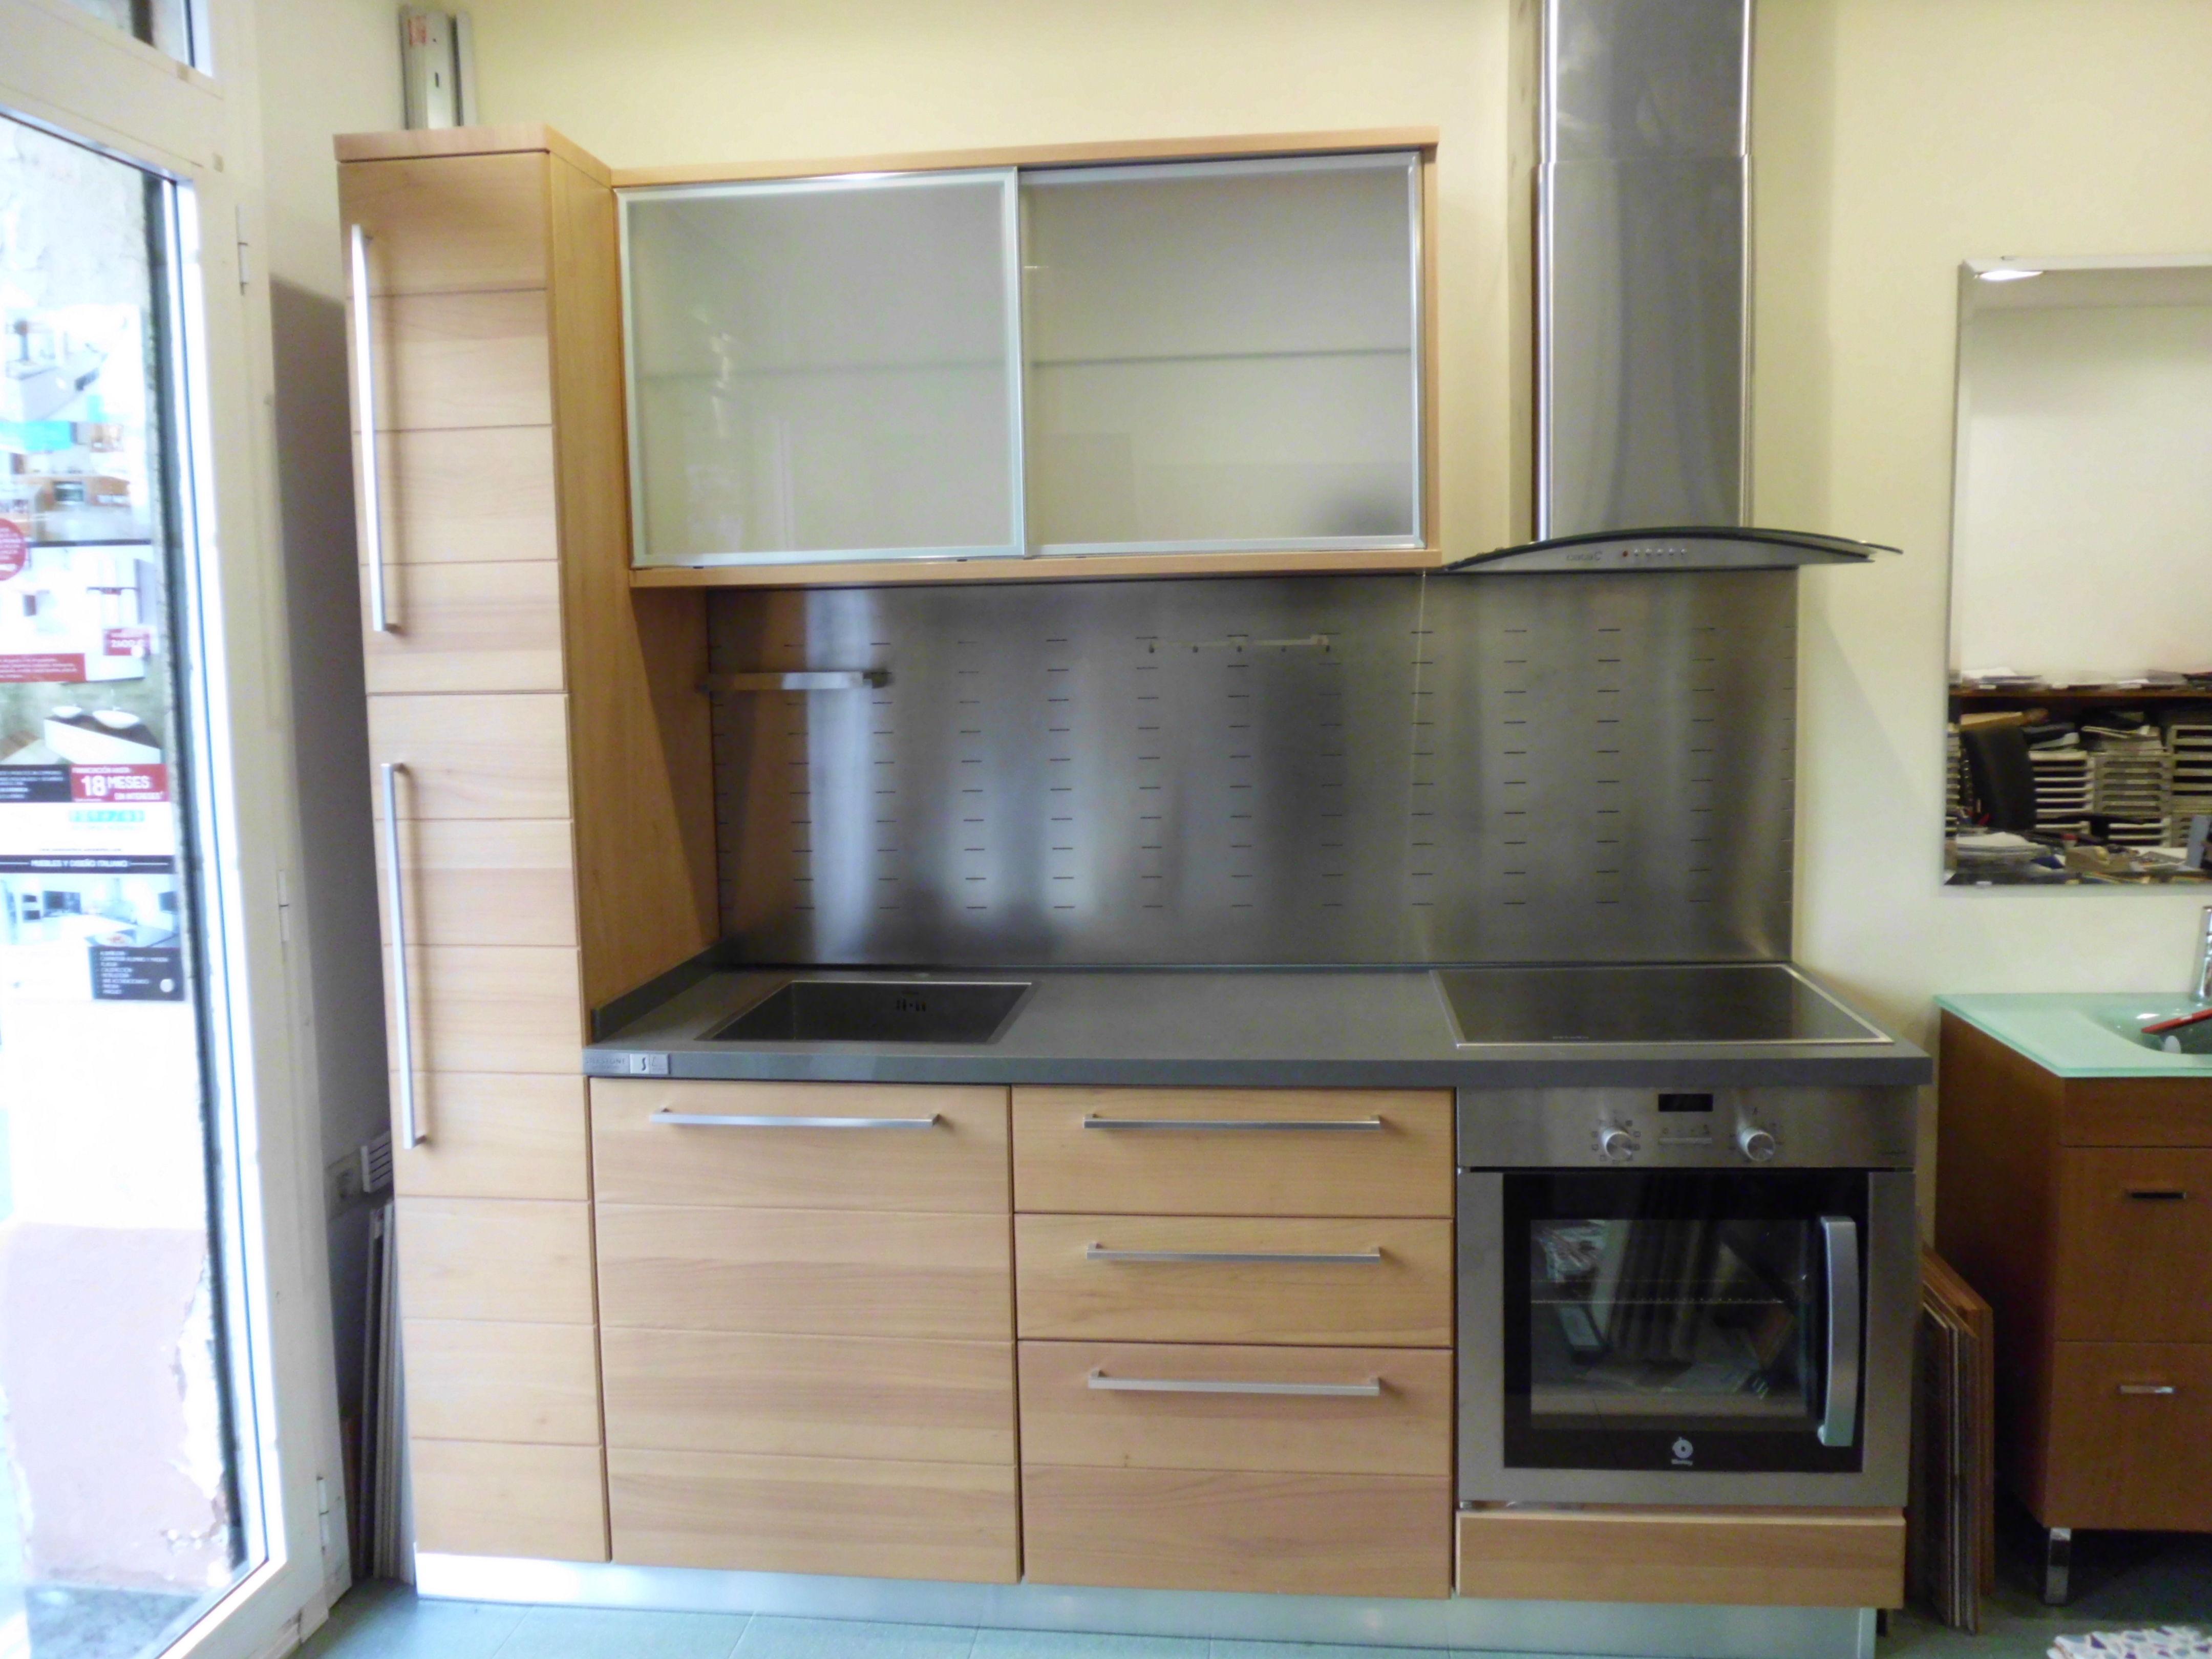 Oferta muebles cocina escavolini servicios y productos de Oferta muebles cocina